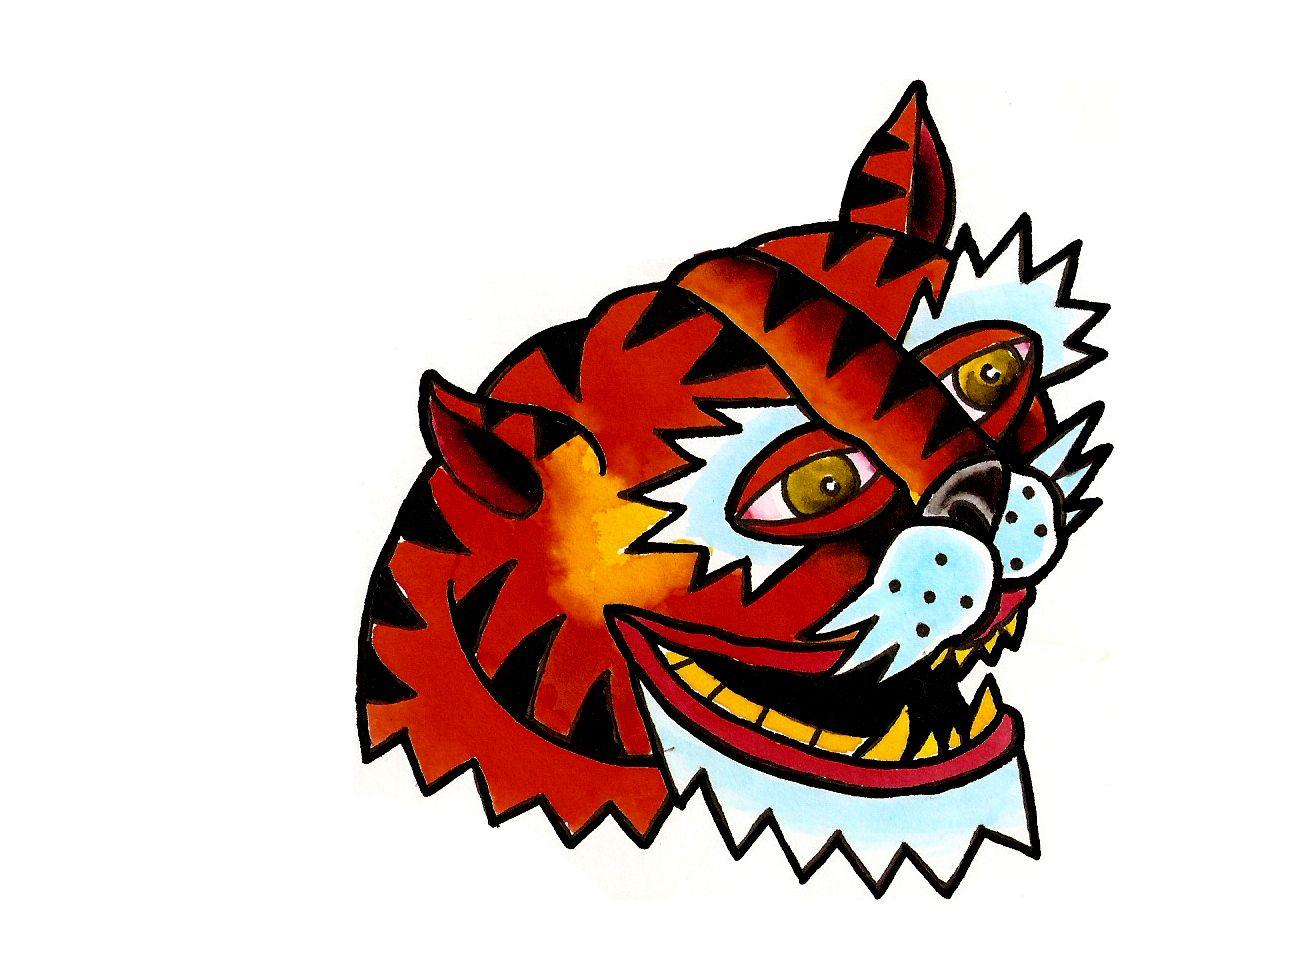 Tigre do Caca